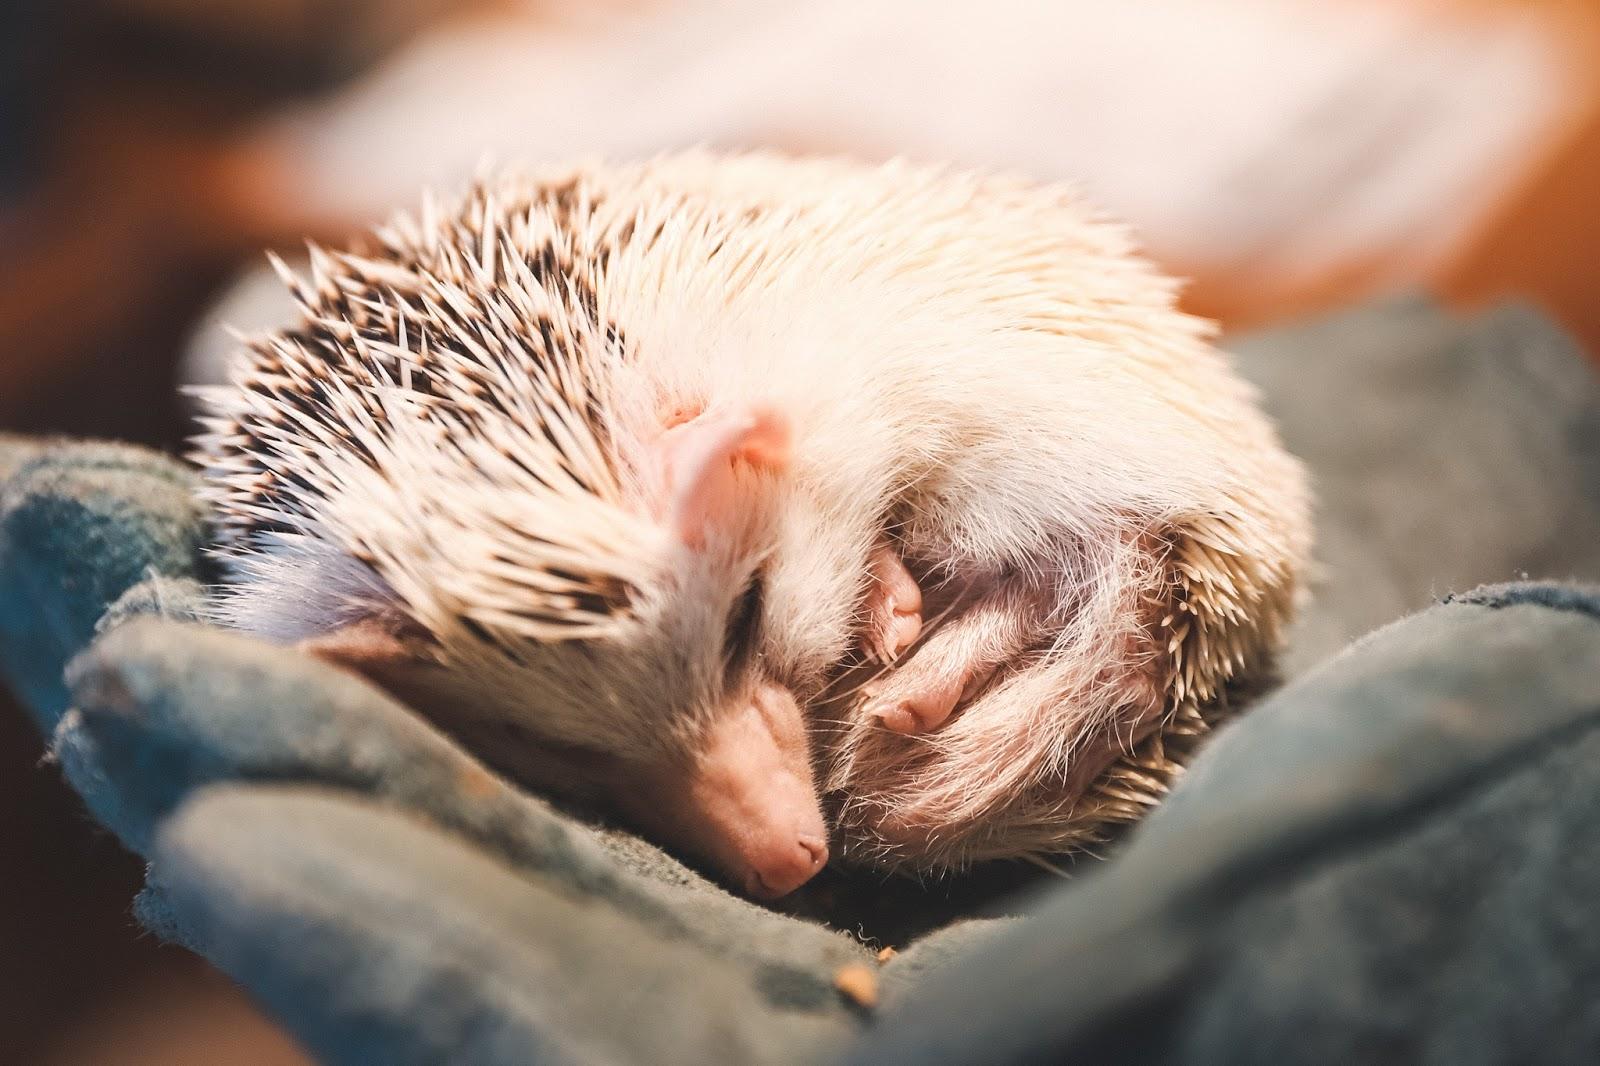 Hedgehog Cafe in Tokyo